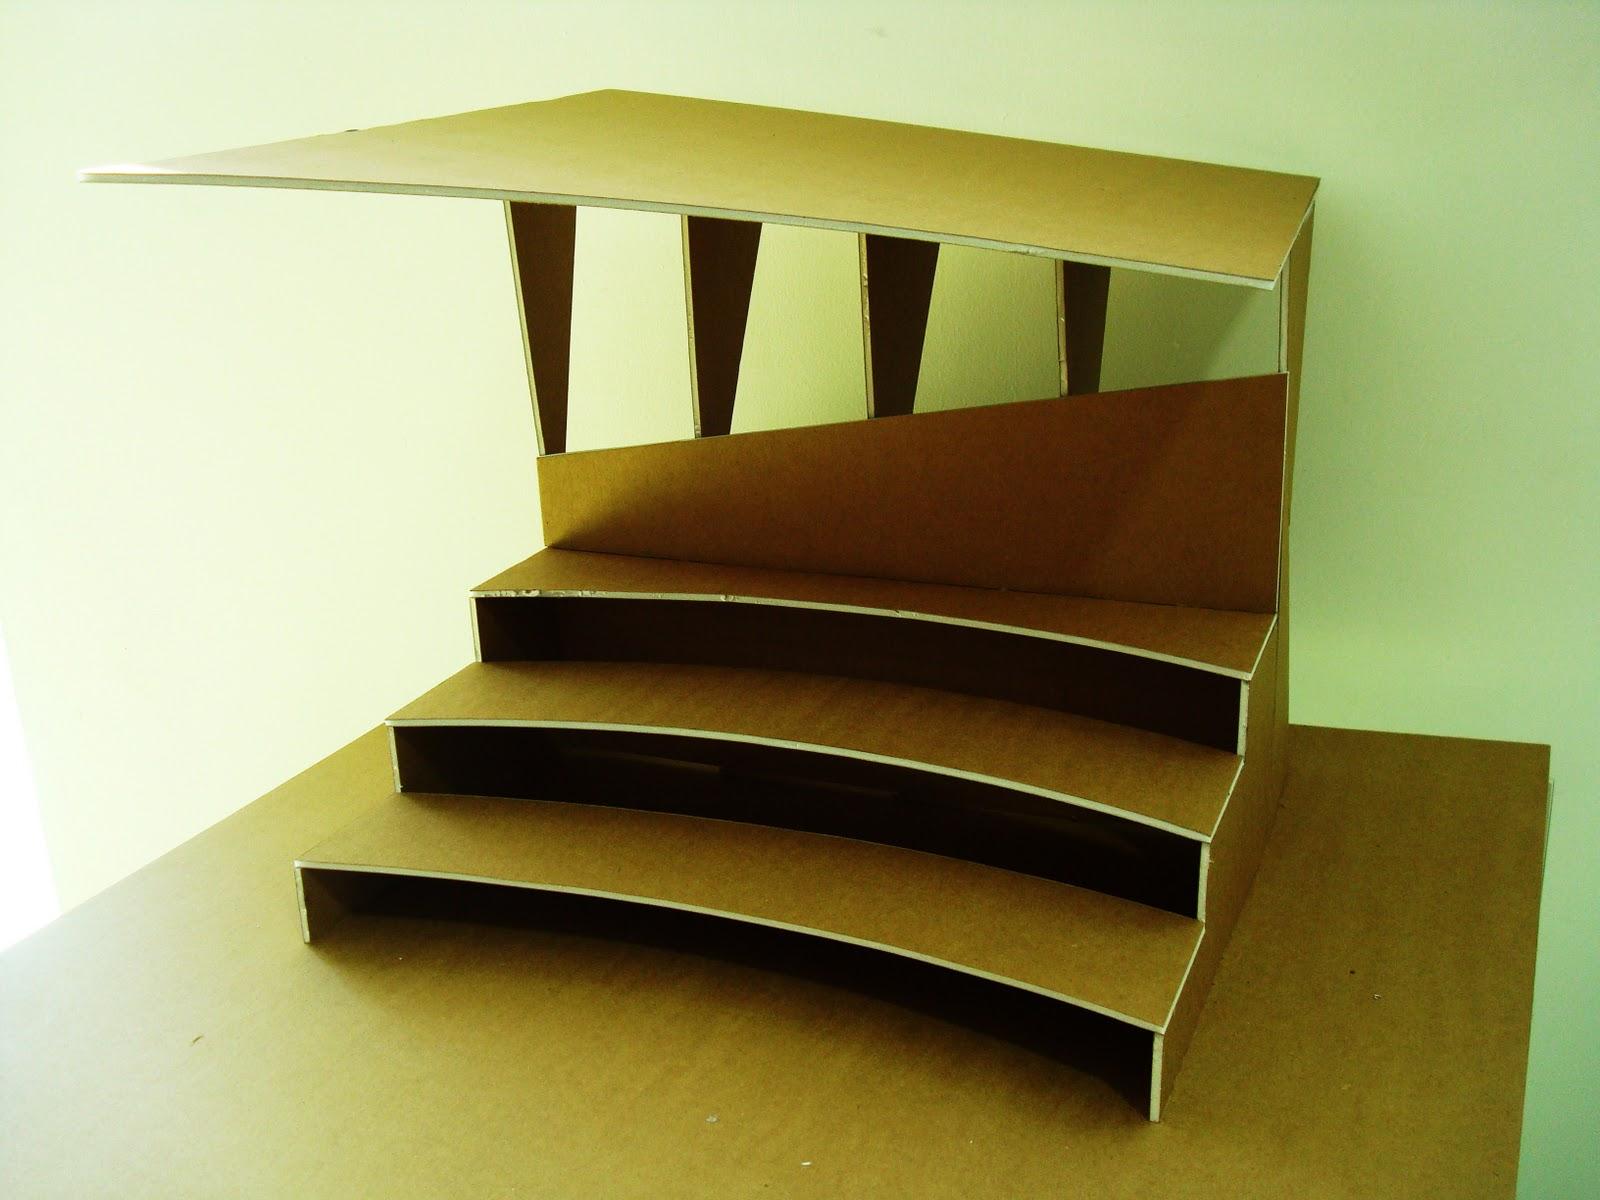 Portafolio arquitectura fundamentos del dise o i for Diseno de gradas